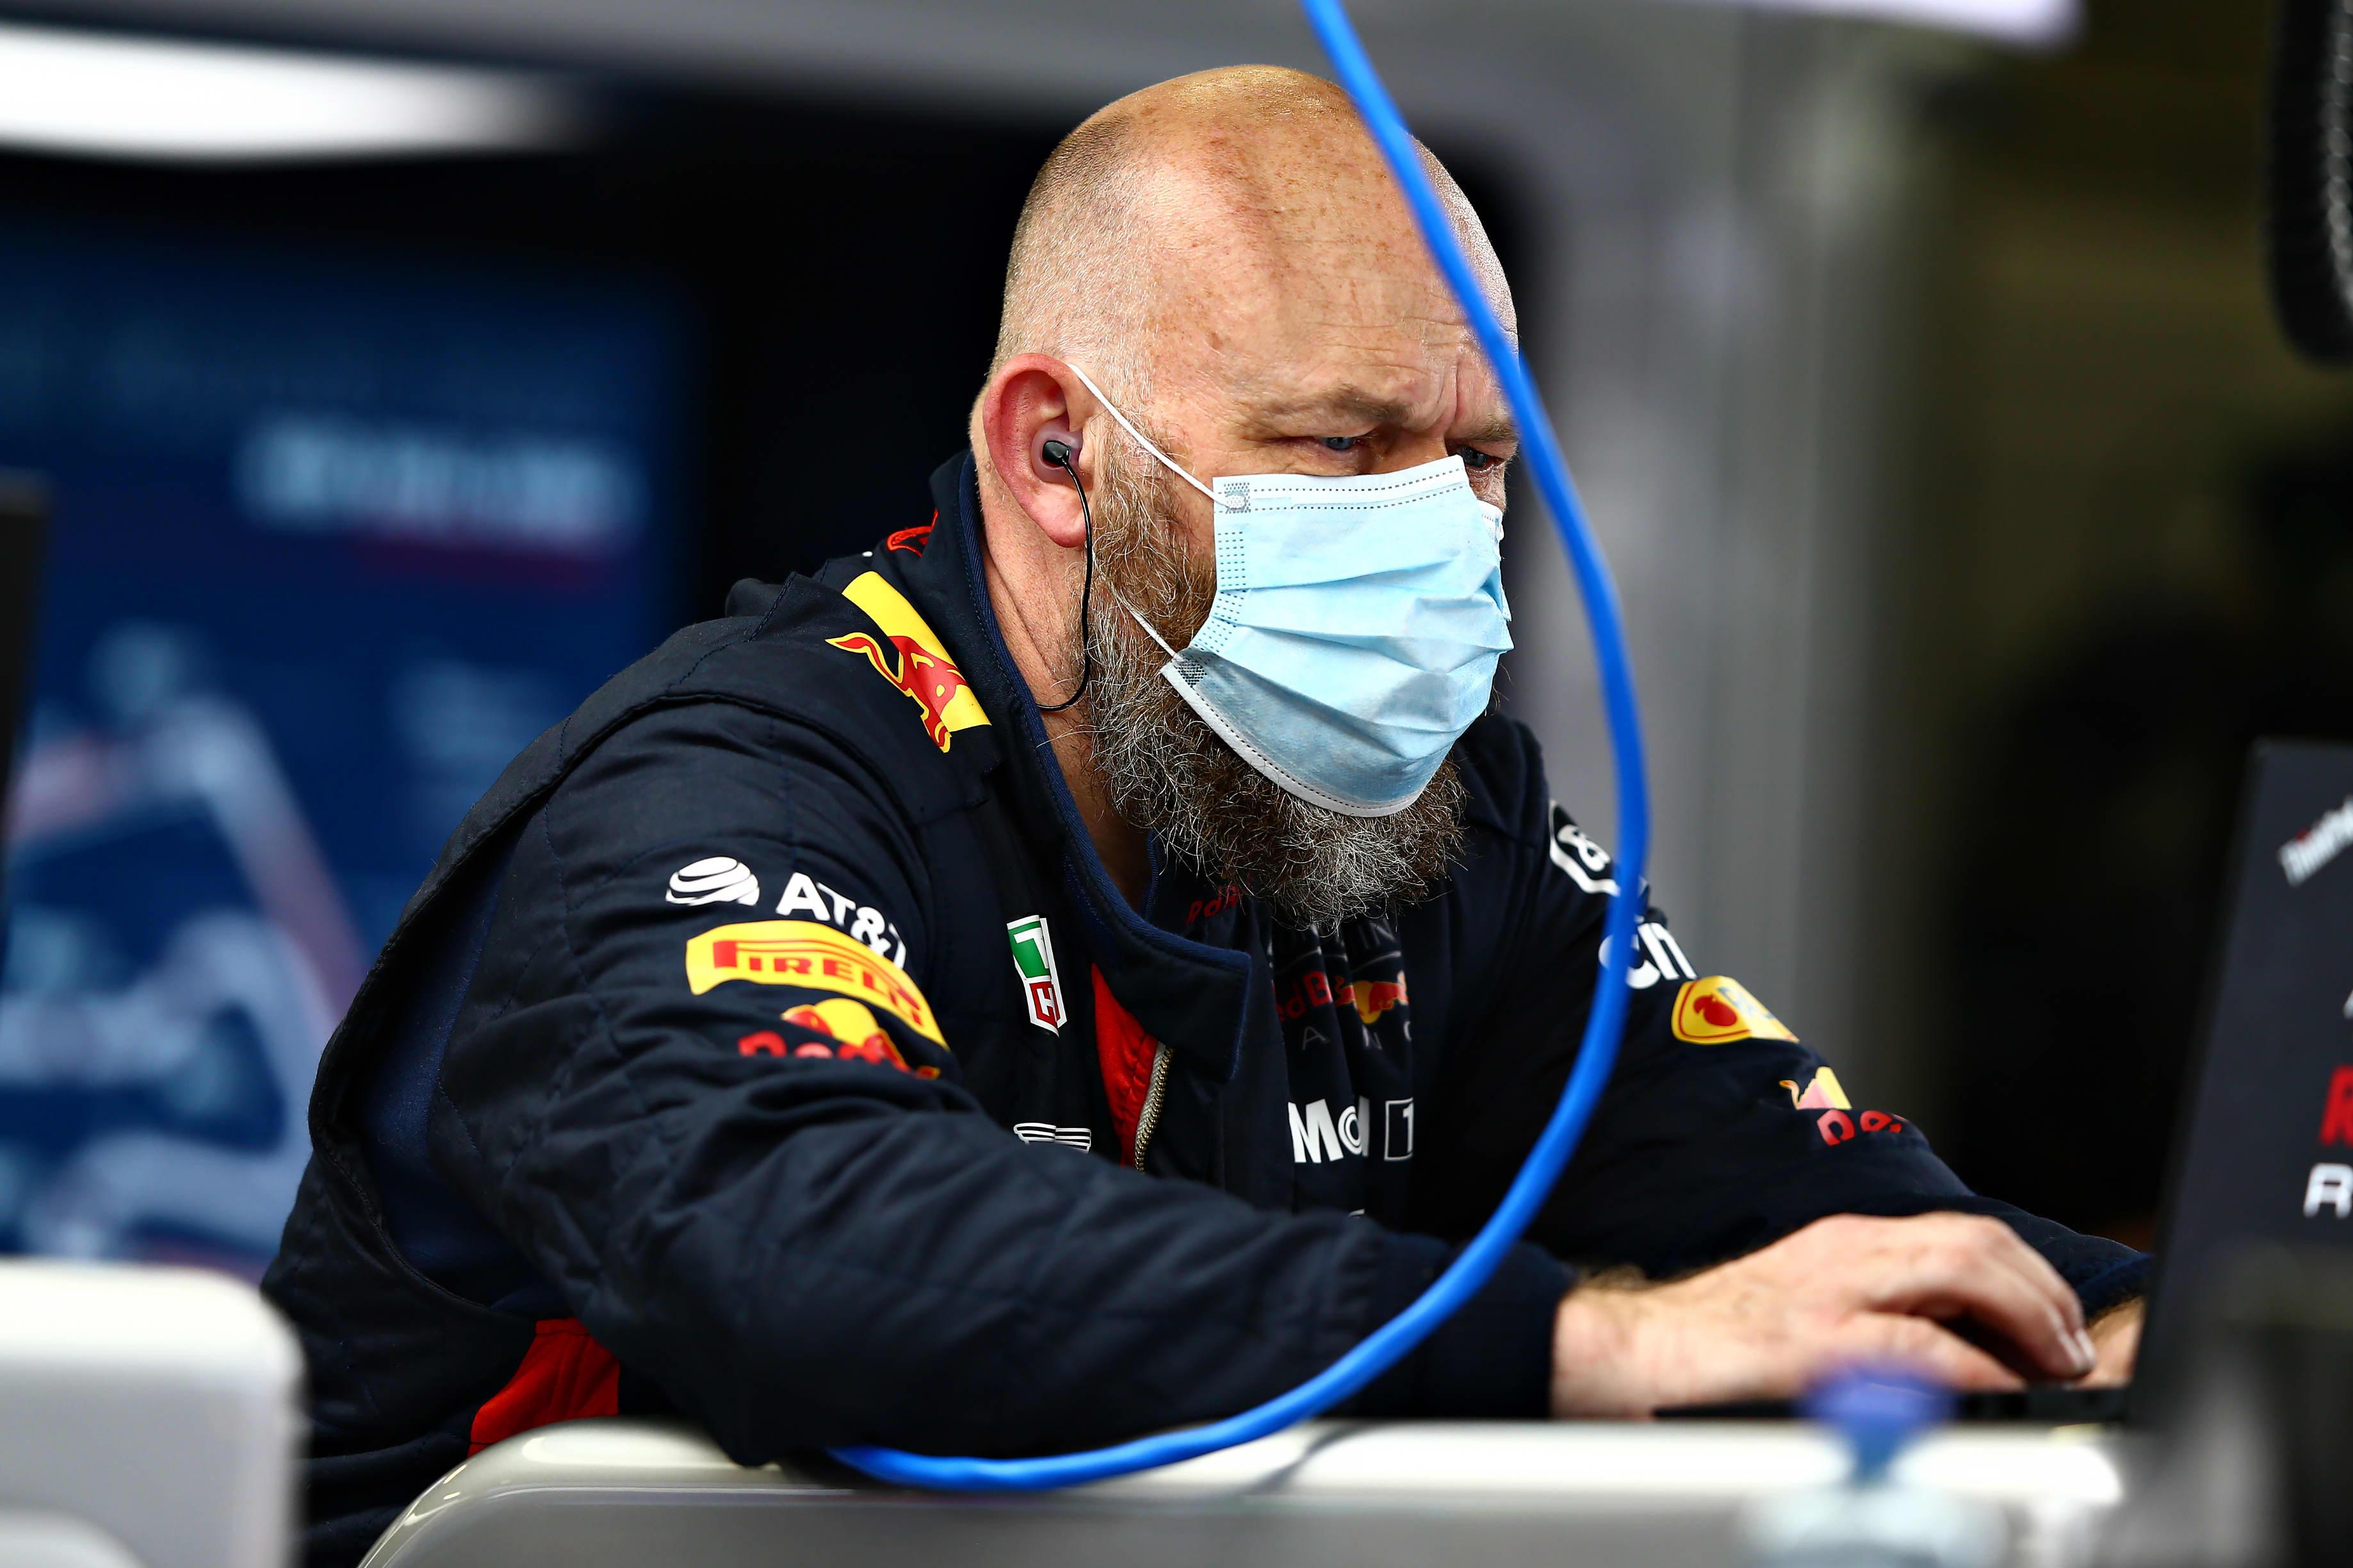 Red Bullin tallityöntekijä Itävallan GP:n harjoituksissa